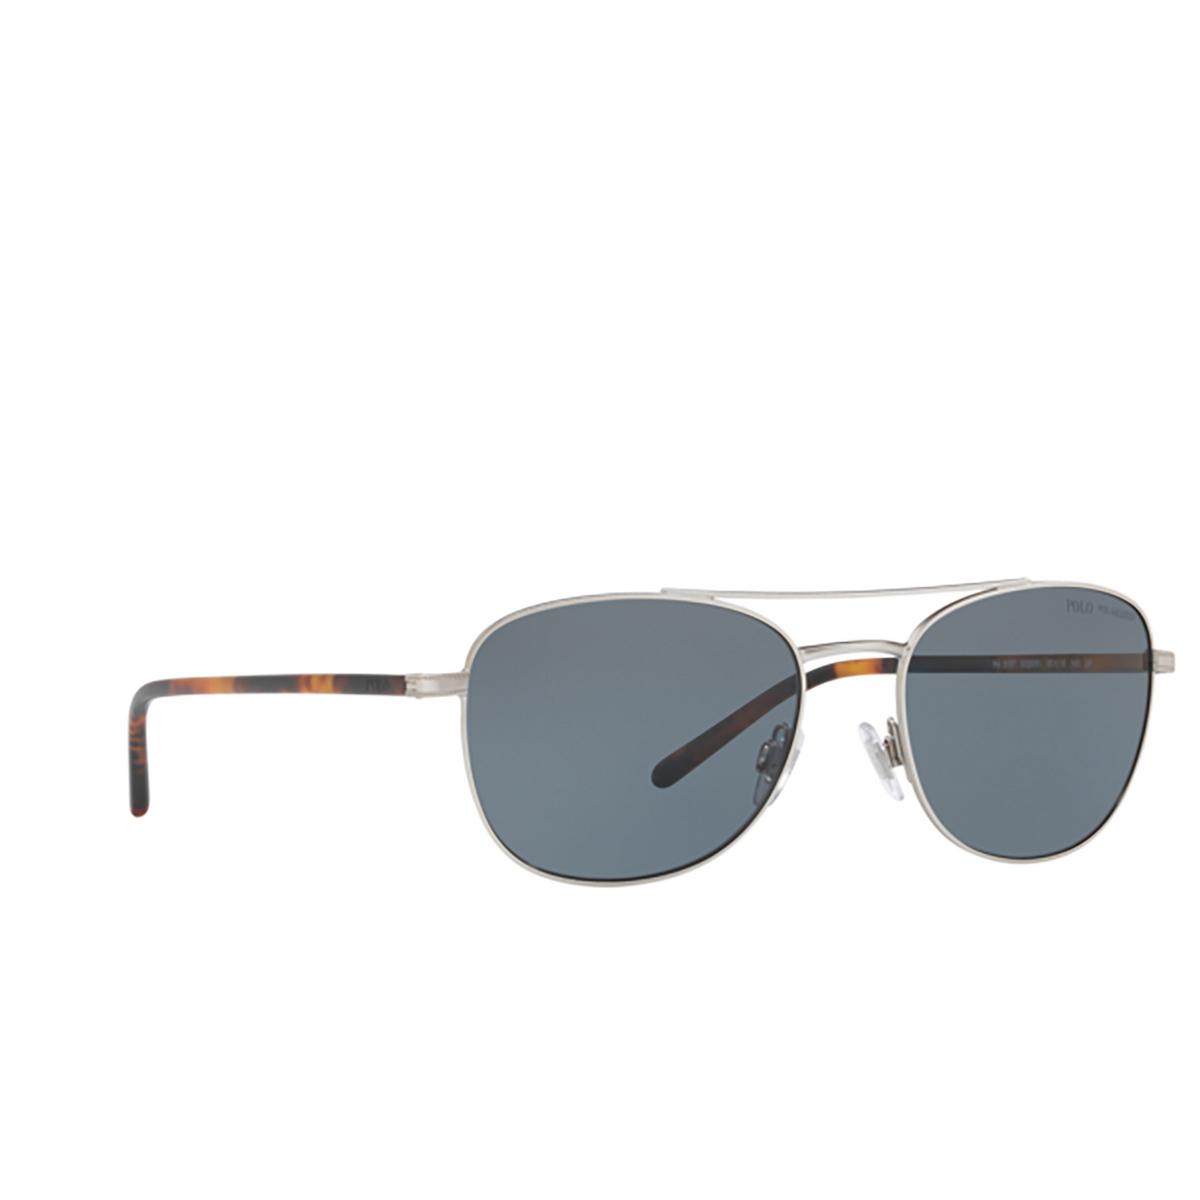 Polo Ralph Lauren® Square Sunglasses: PH3107 color 932681.